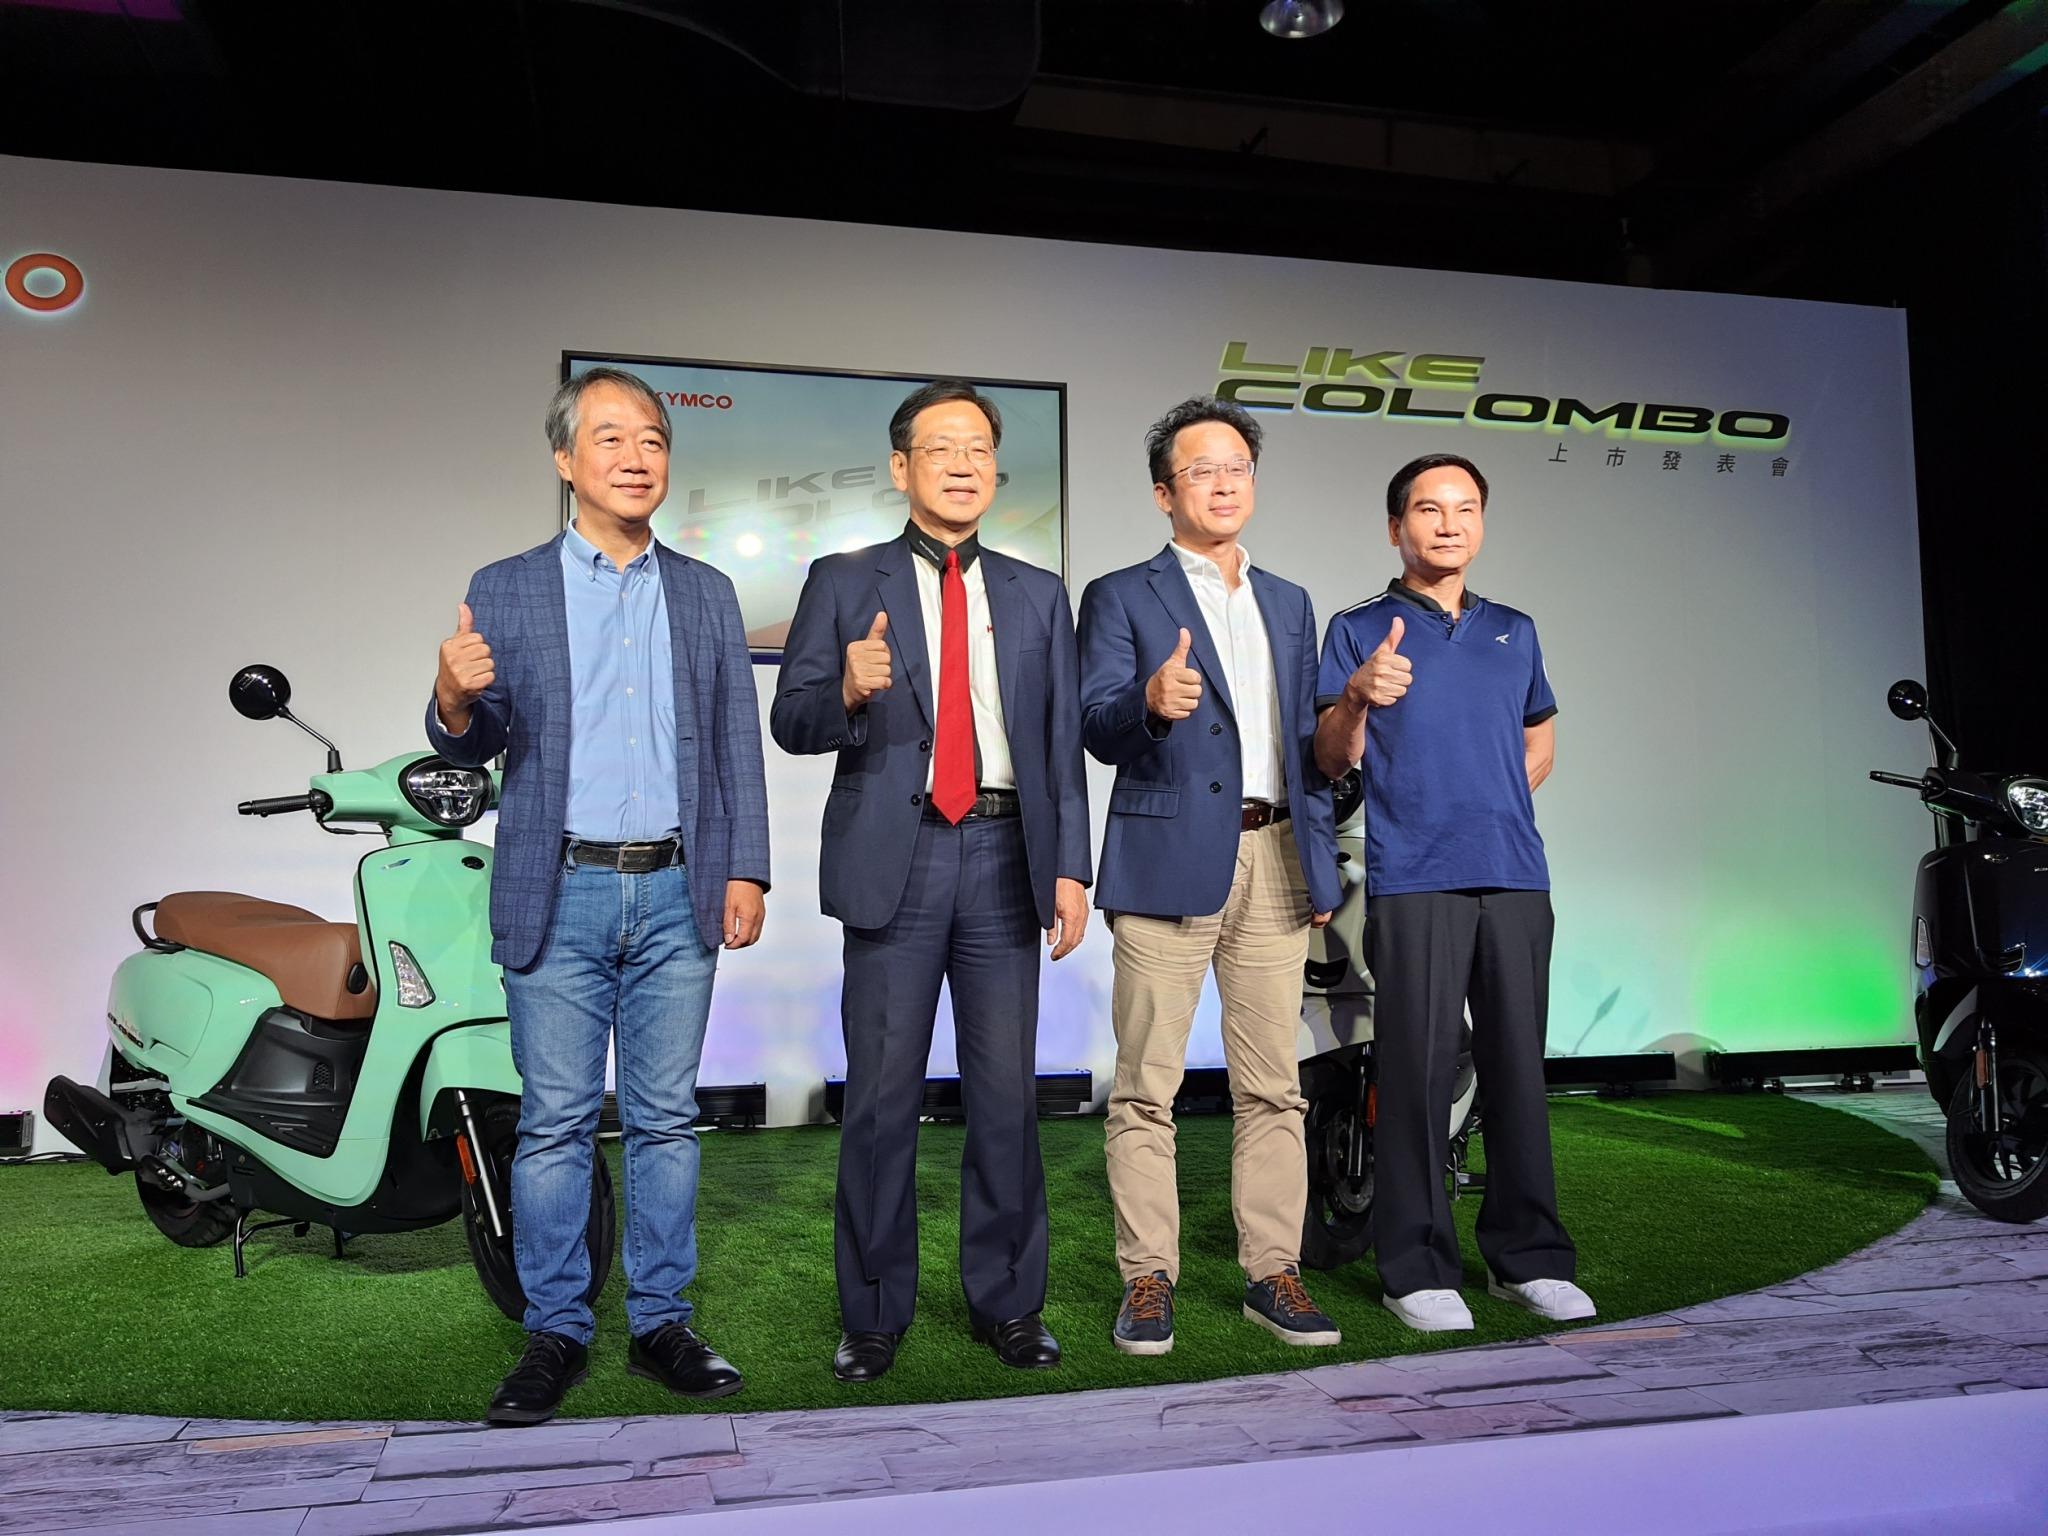 【有影】時尚、動能兼具!光陽推LIKE COLOMBO 150新車款 美力結合再立新典範